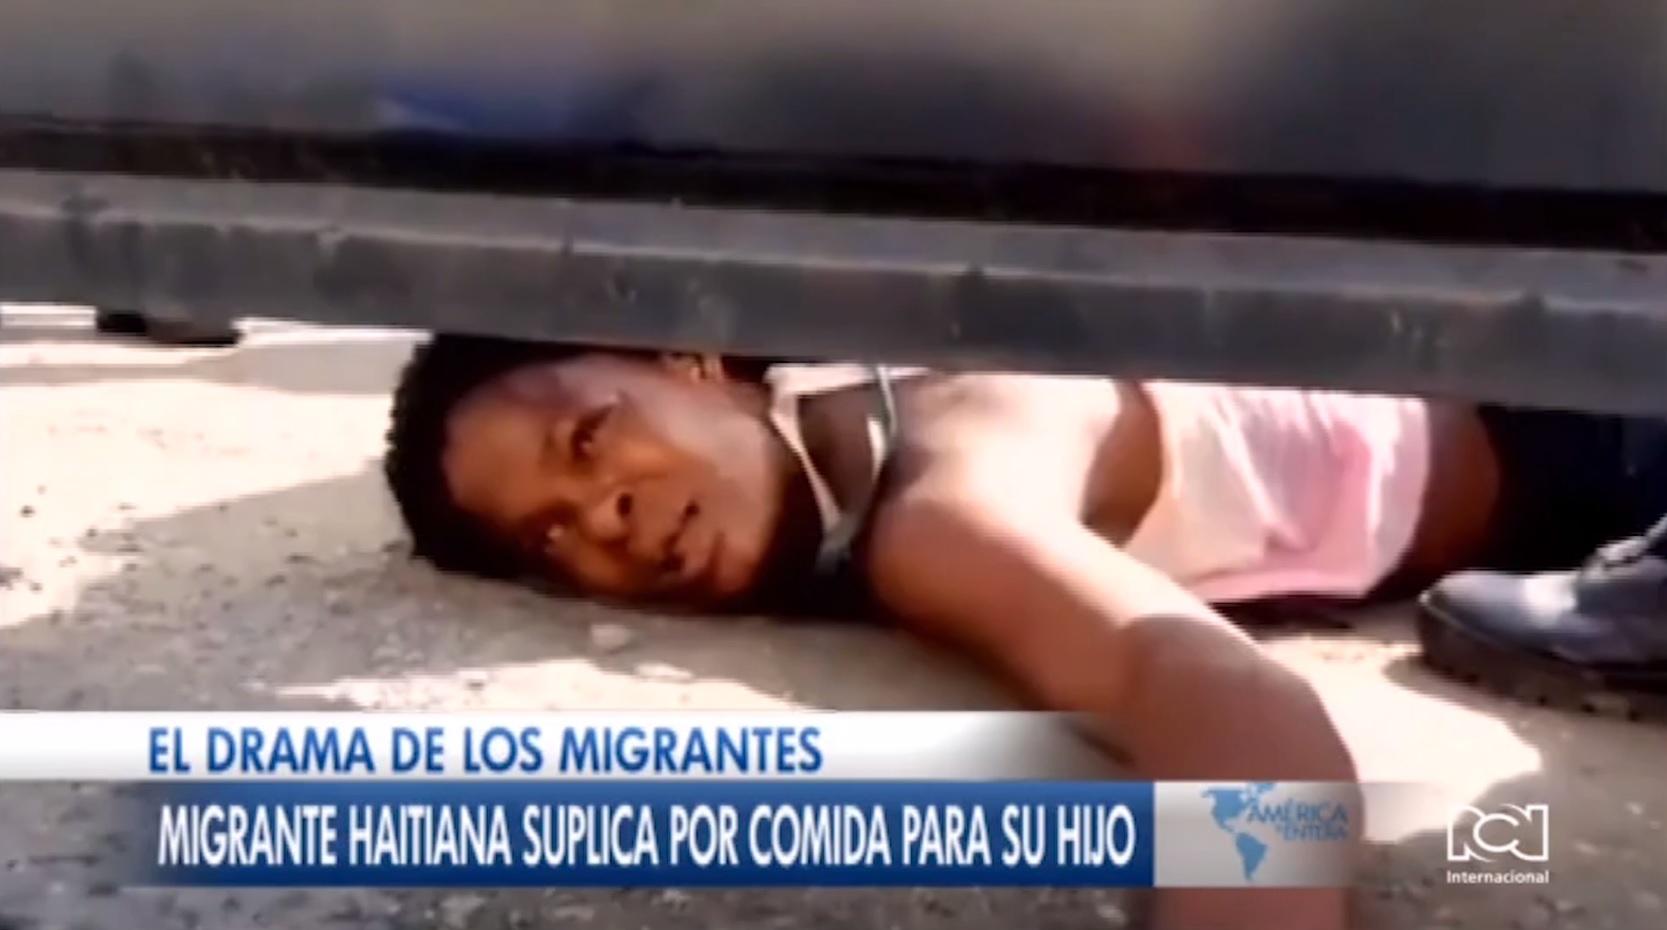 madre-migrante-suplica-ayuda.jpg